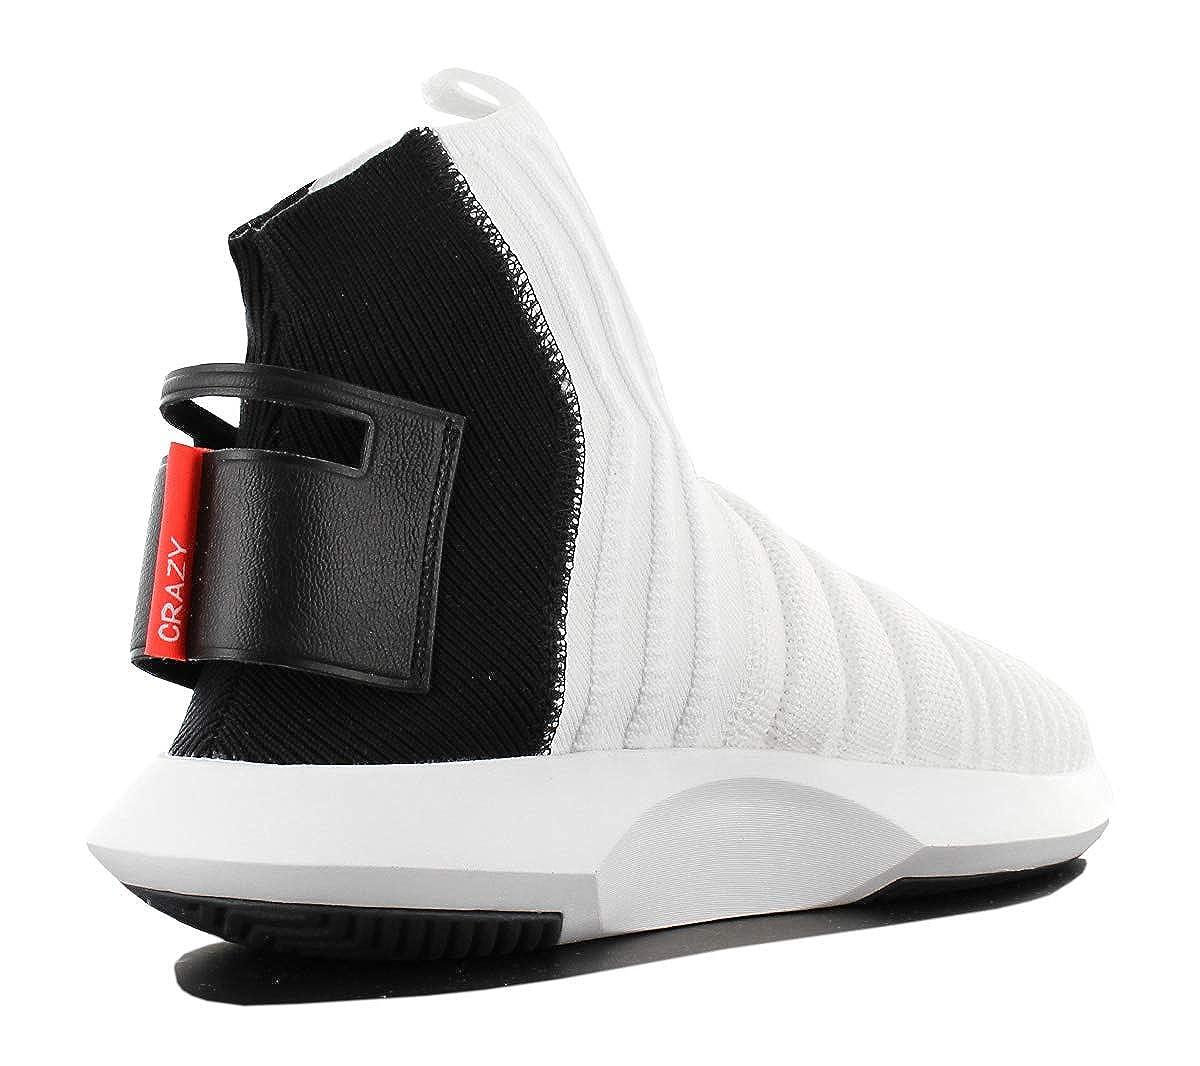 Donna   Uomo Adidas scarpe da ginnastica ginnastica ginnastica Crazy 1 ADV Sock Alta qualità e basso overhead Qualità e quantità garantite comodo | Ultima Tecnologia  c9b54a